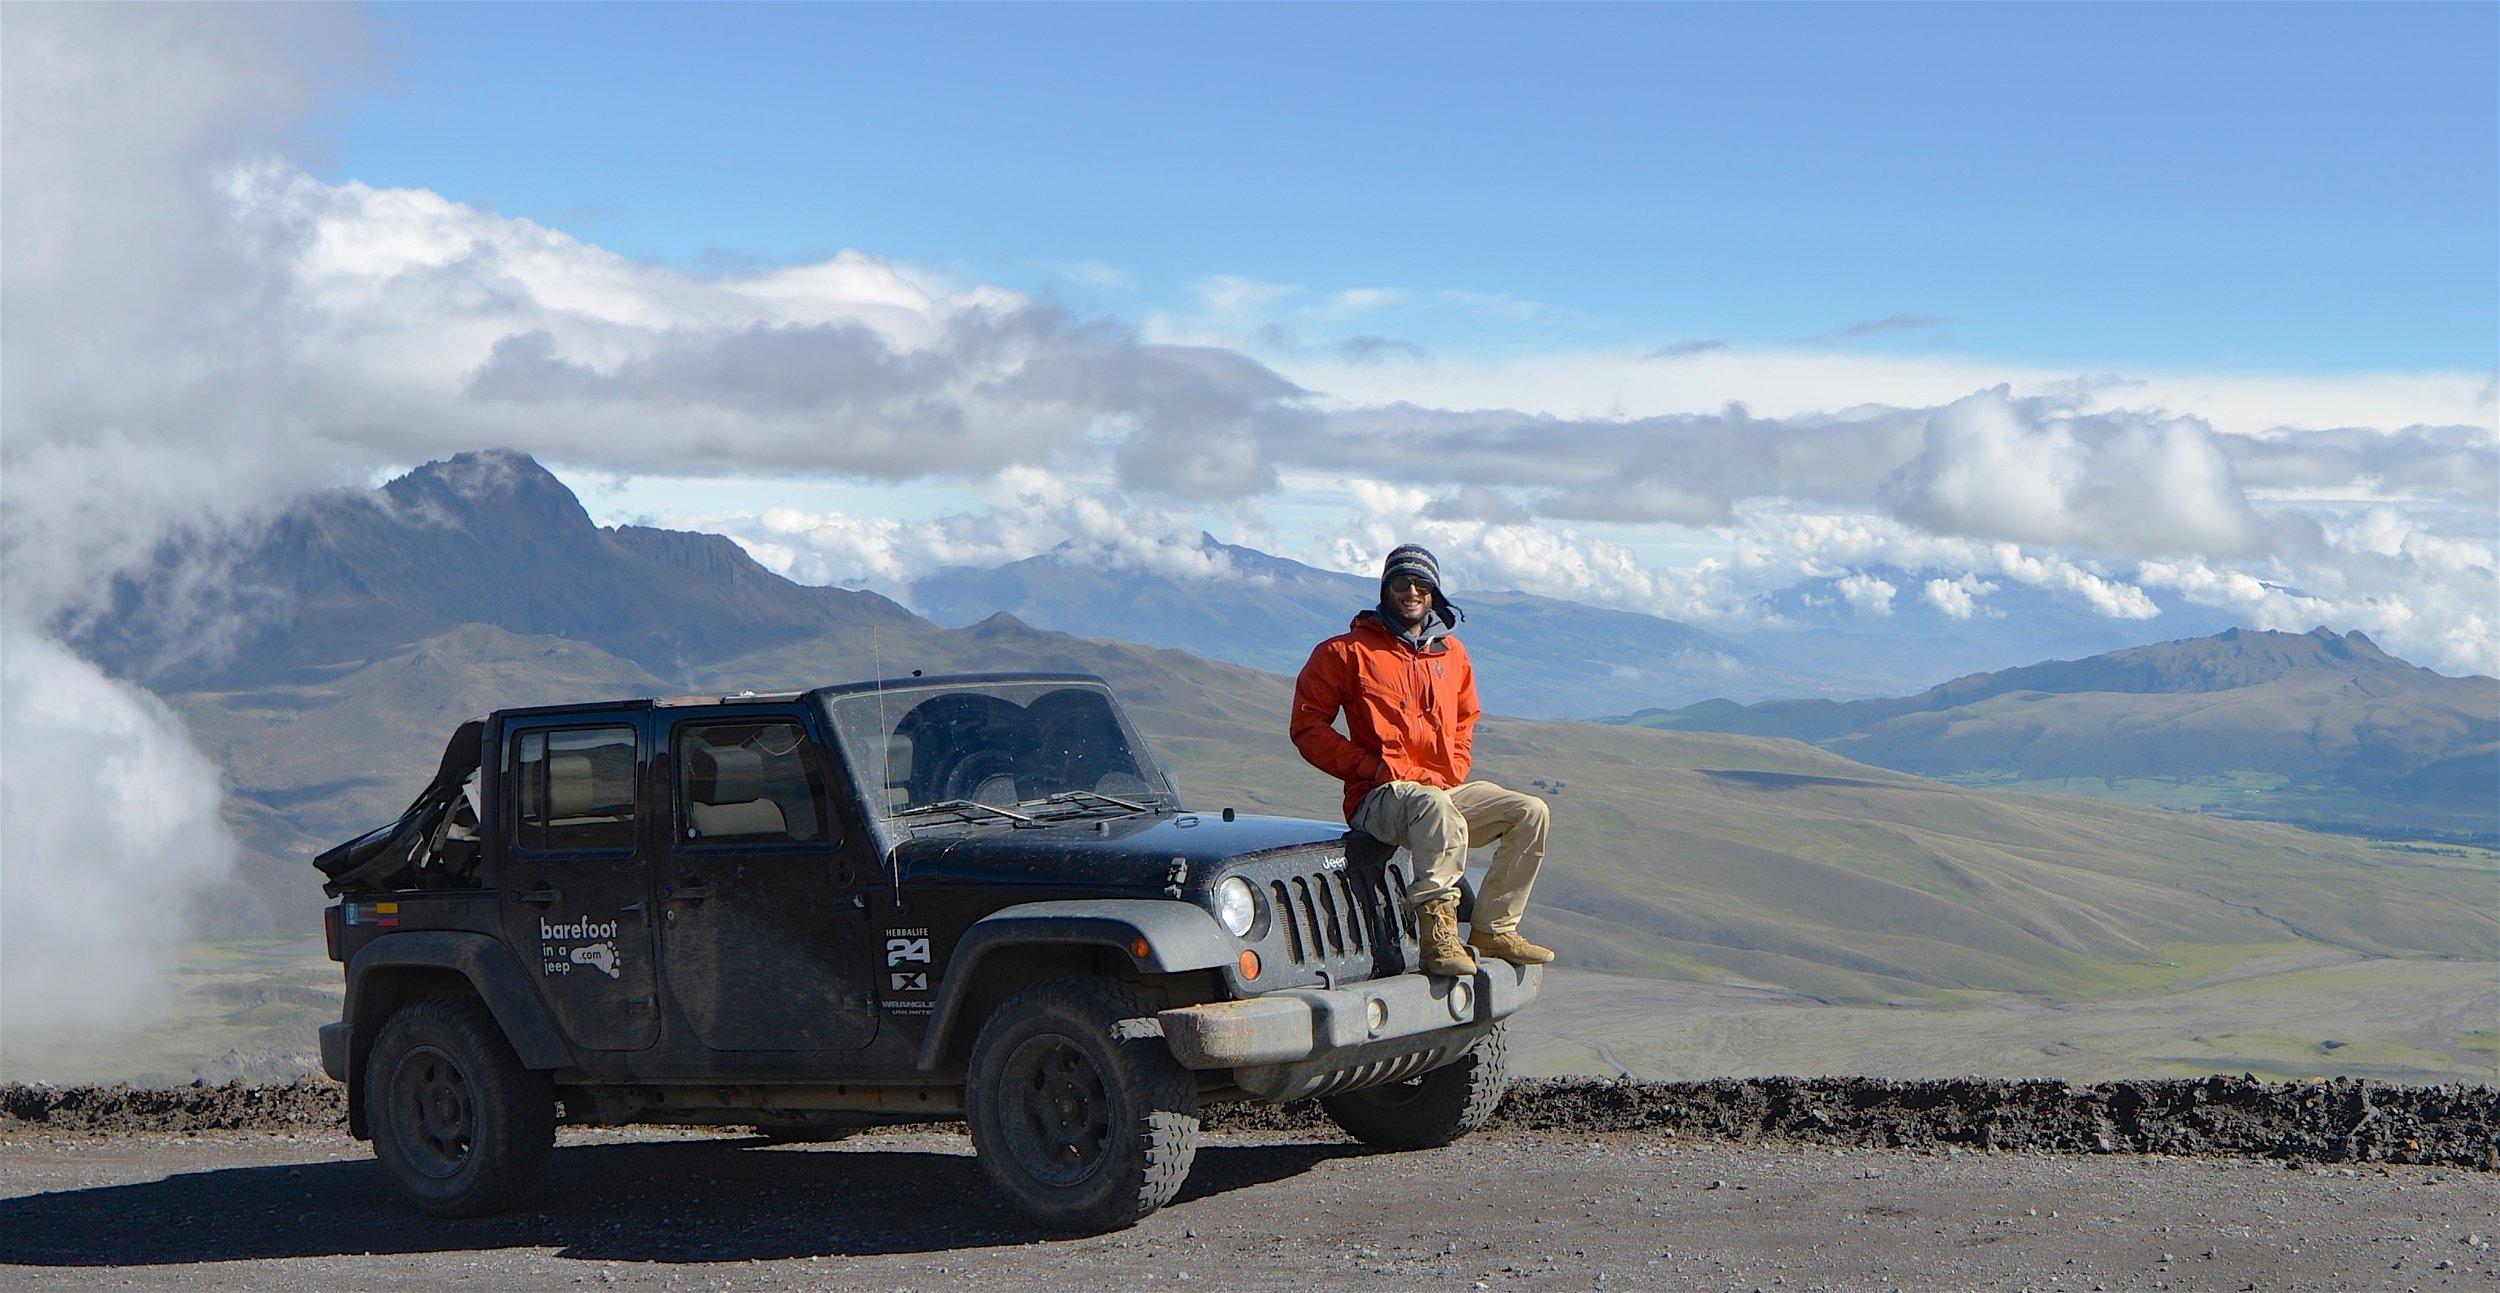 On Cotopaxi ! Second highest volcano in Ecuador